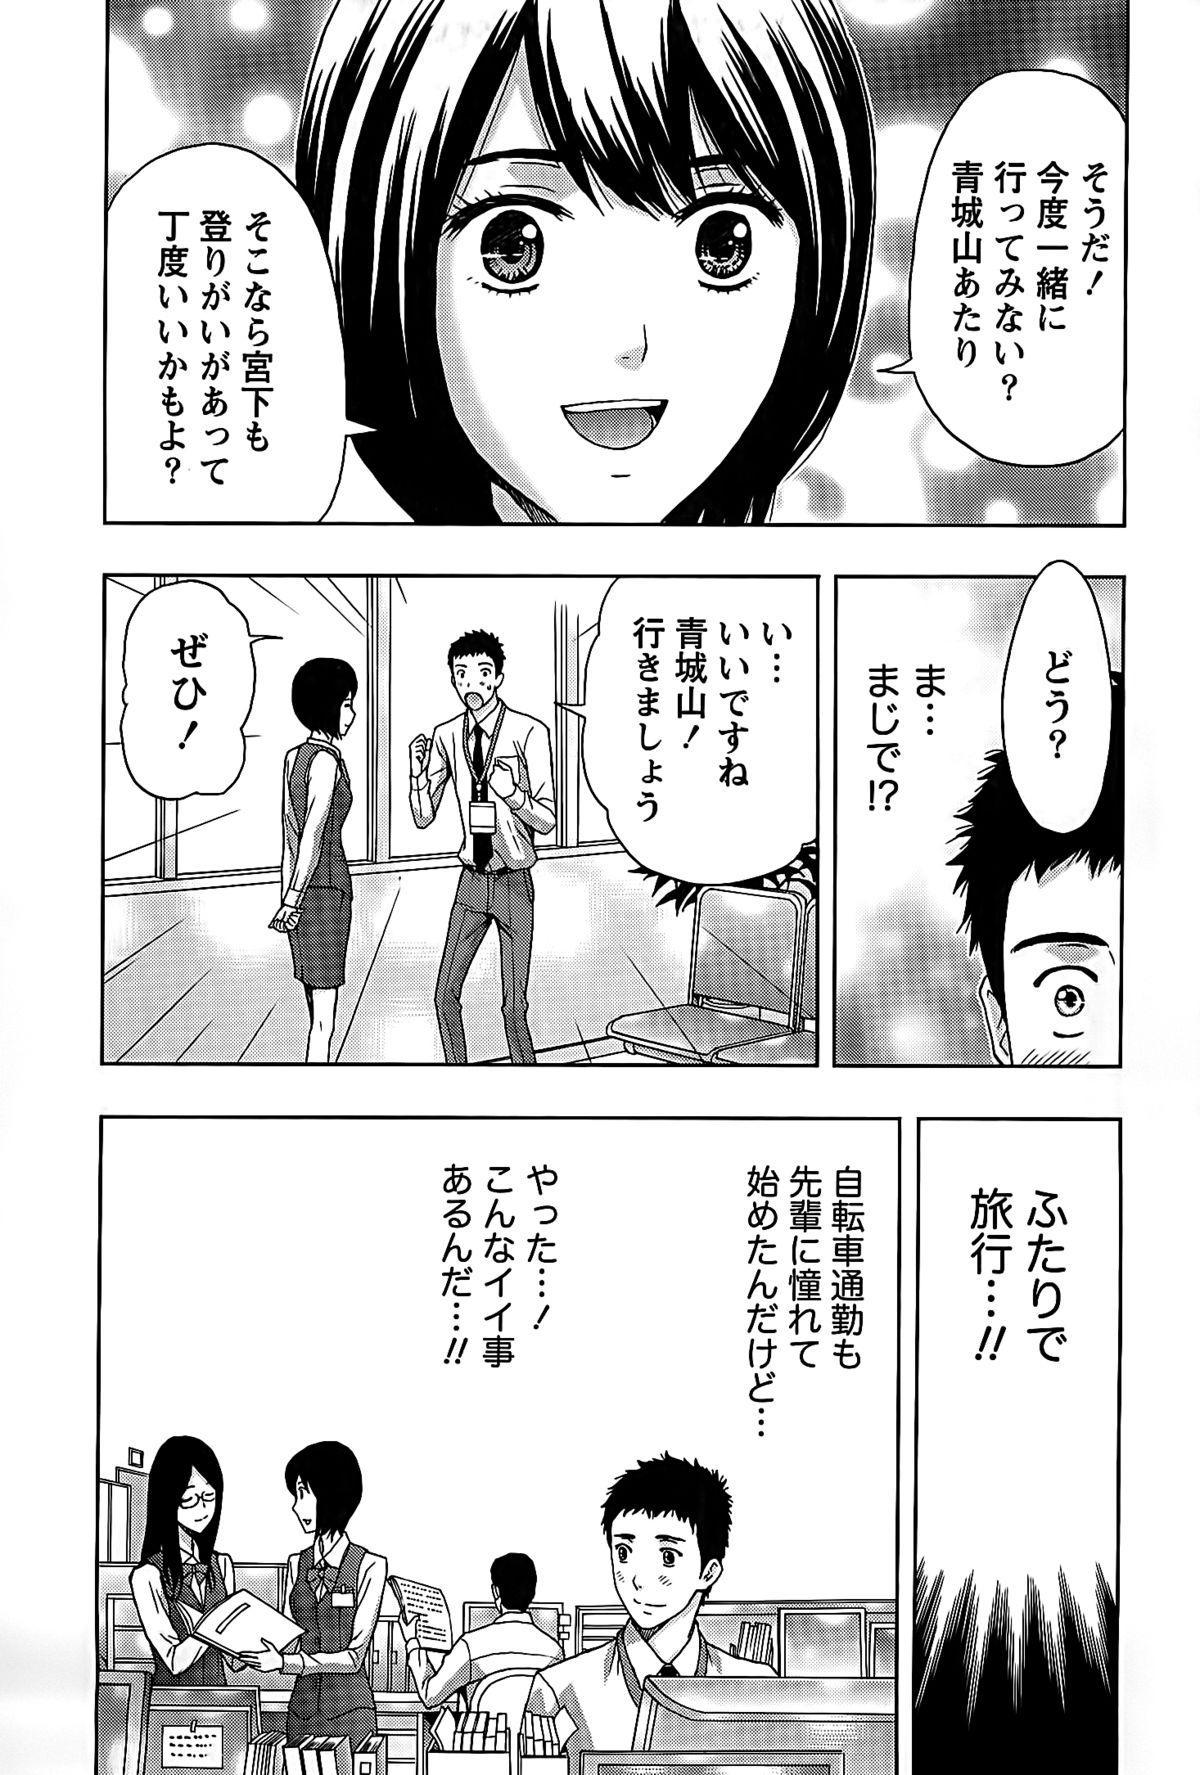 Shittori Lady to Amai Mitsu 6